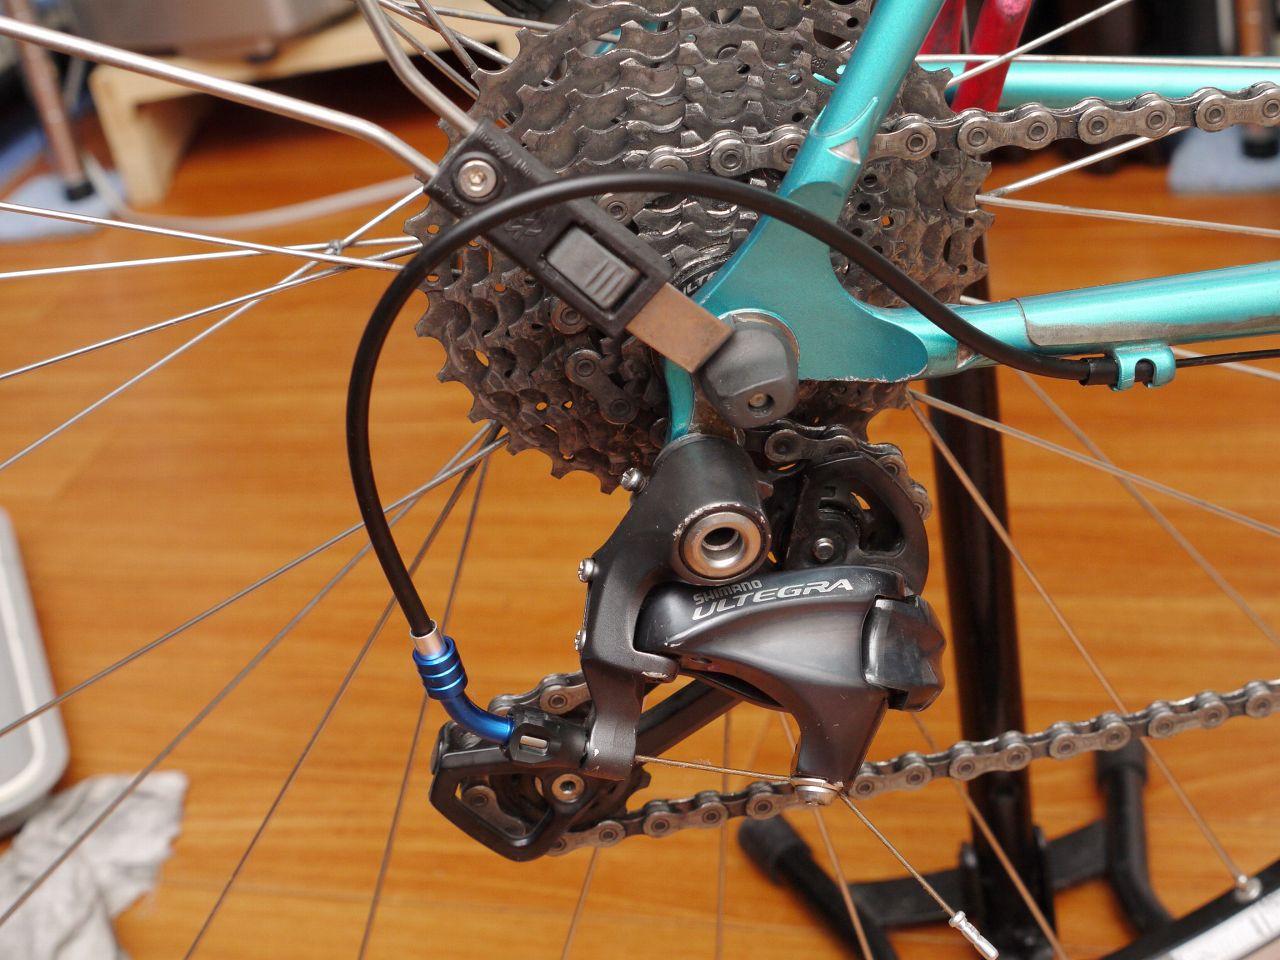 ちょっとした自転車小物:変速バナナ、ベル、フレームプロテクタなど